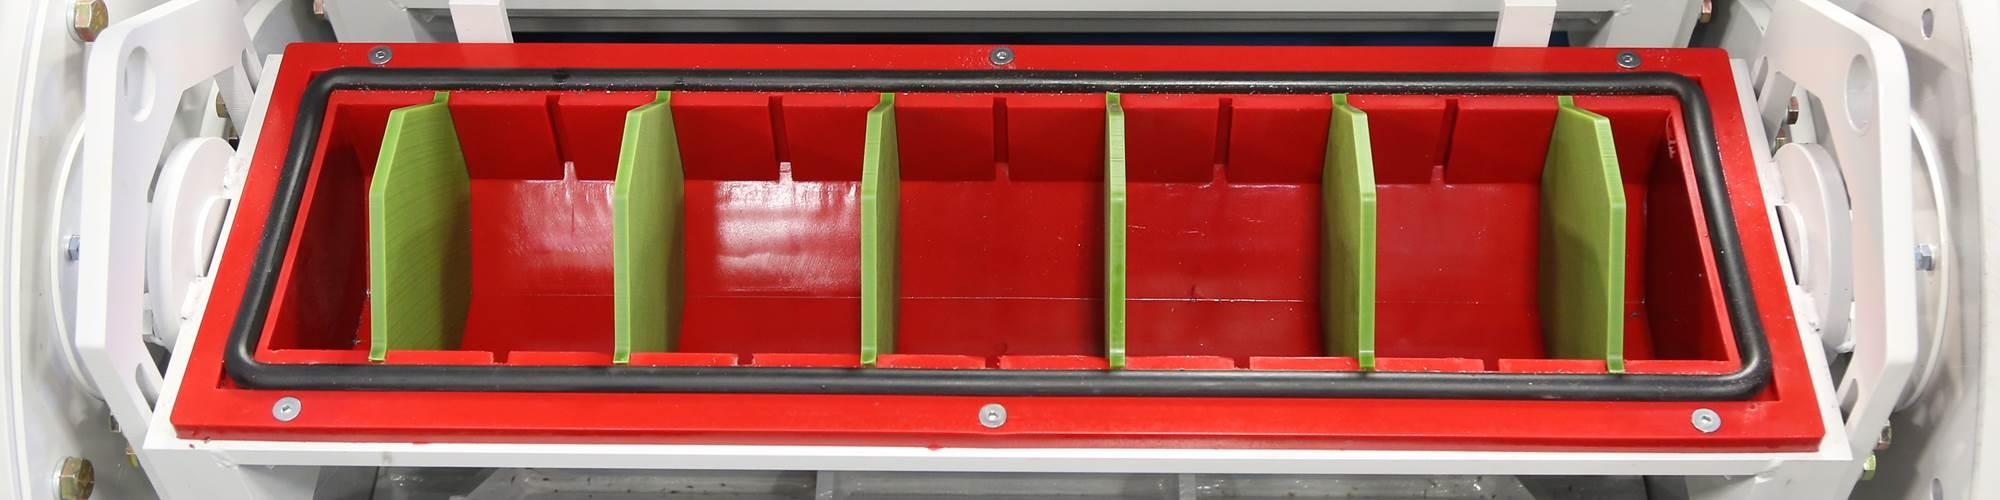 Máquinas de acabado con barril de alta energía desbarban eficientemente partes complejas